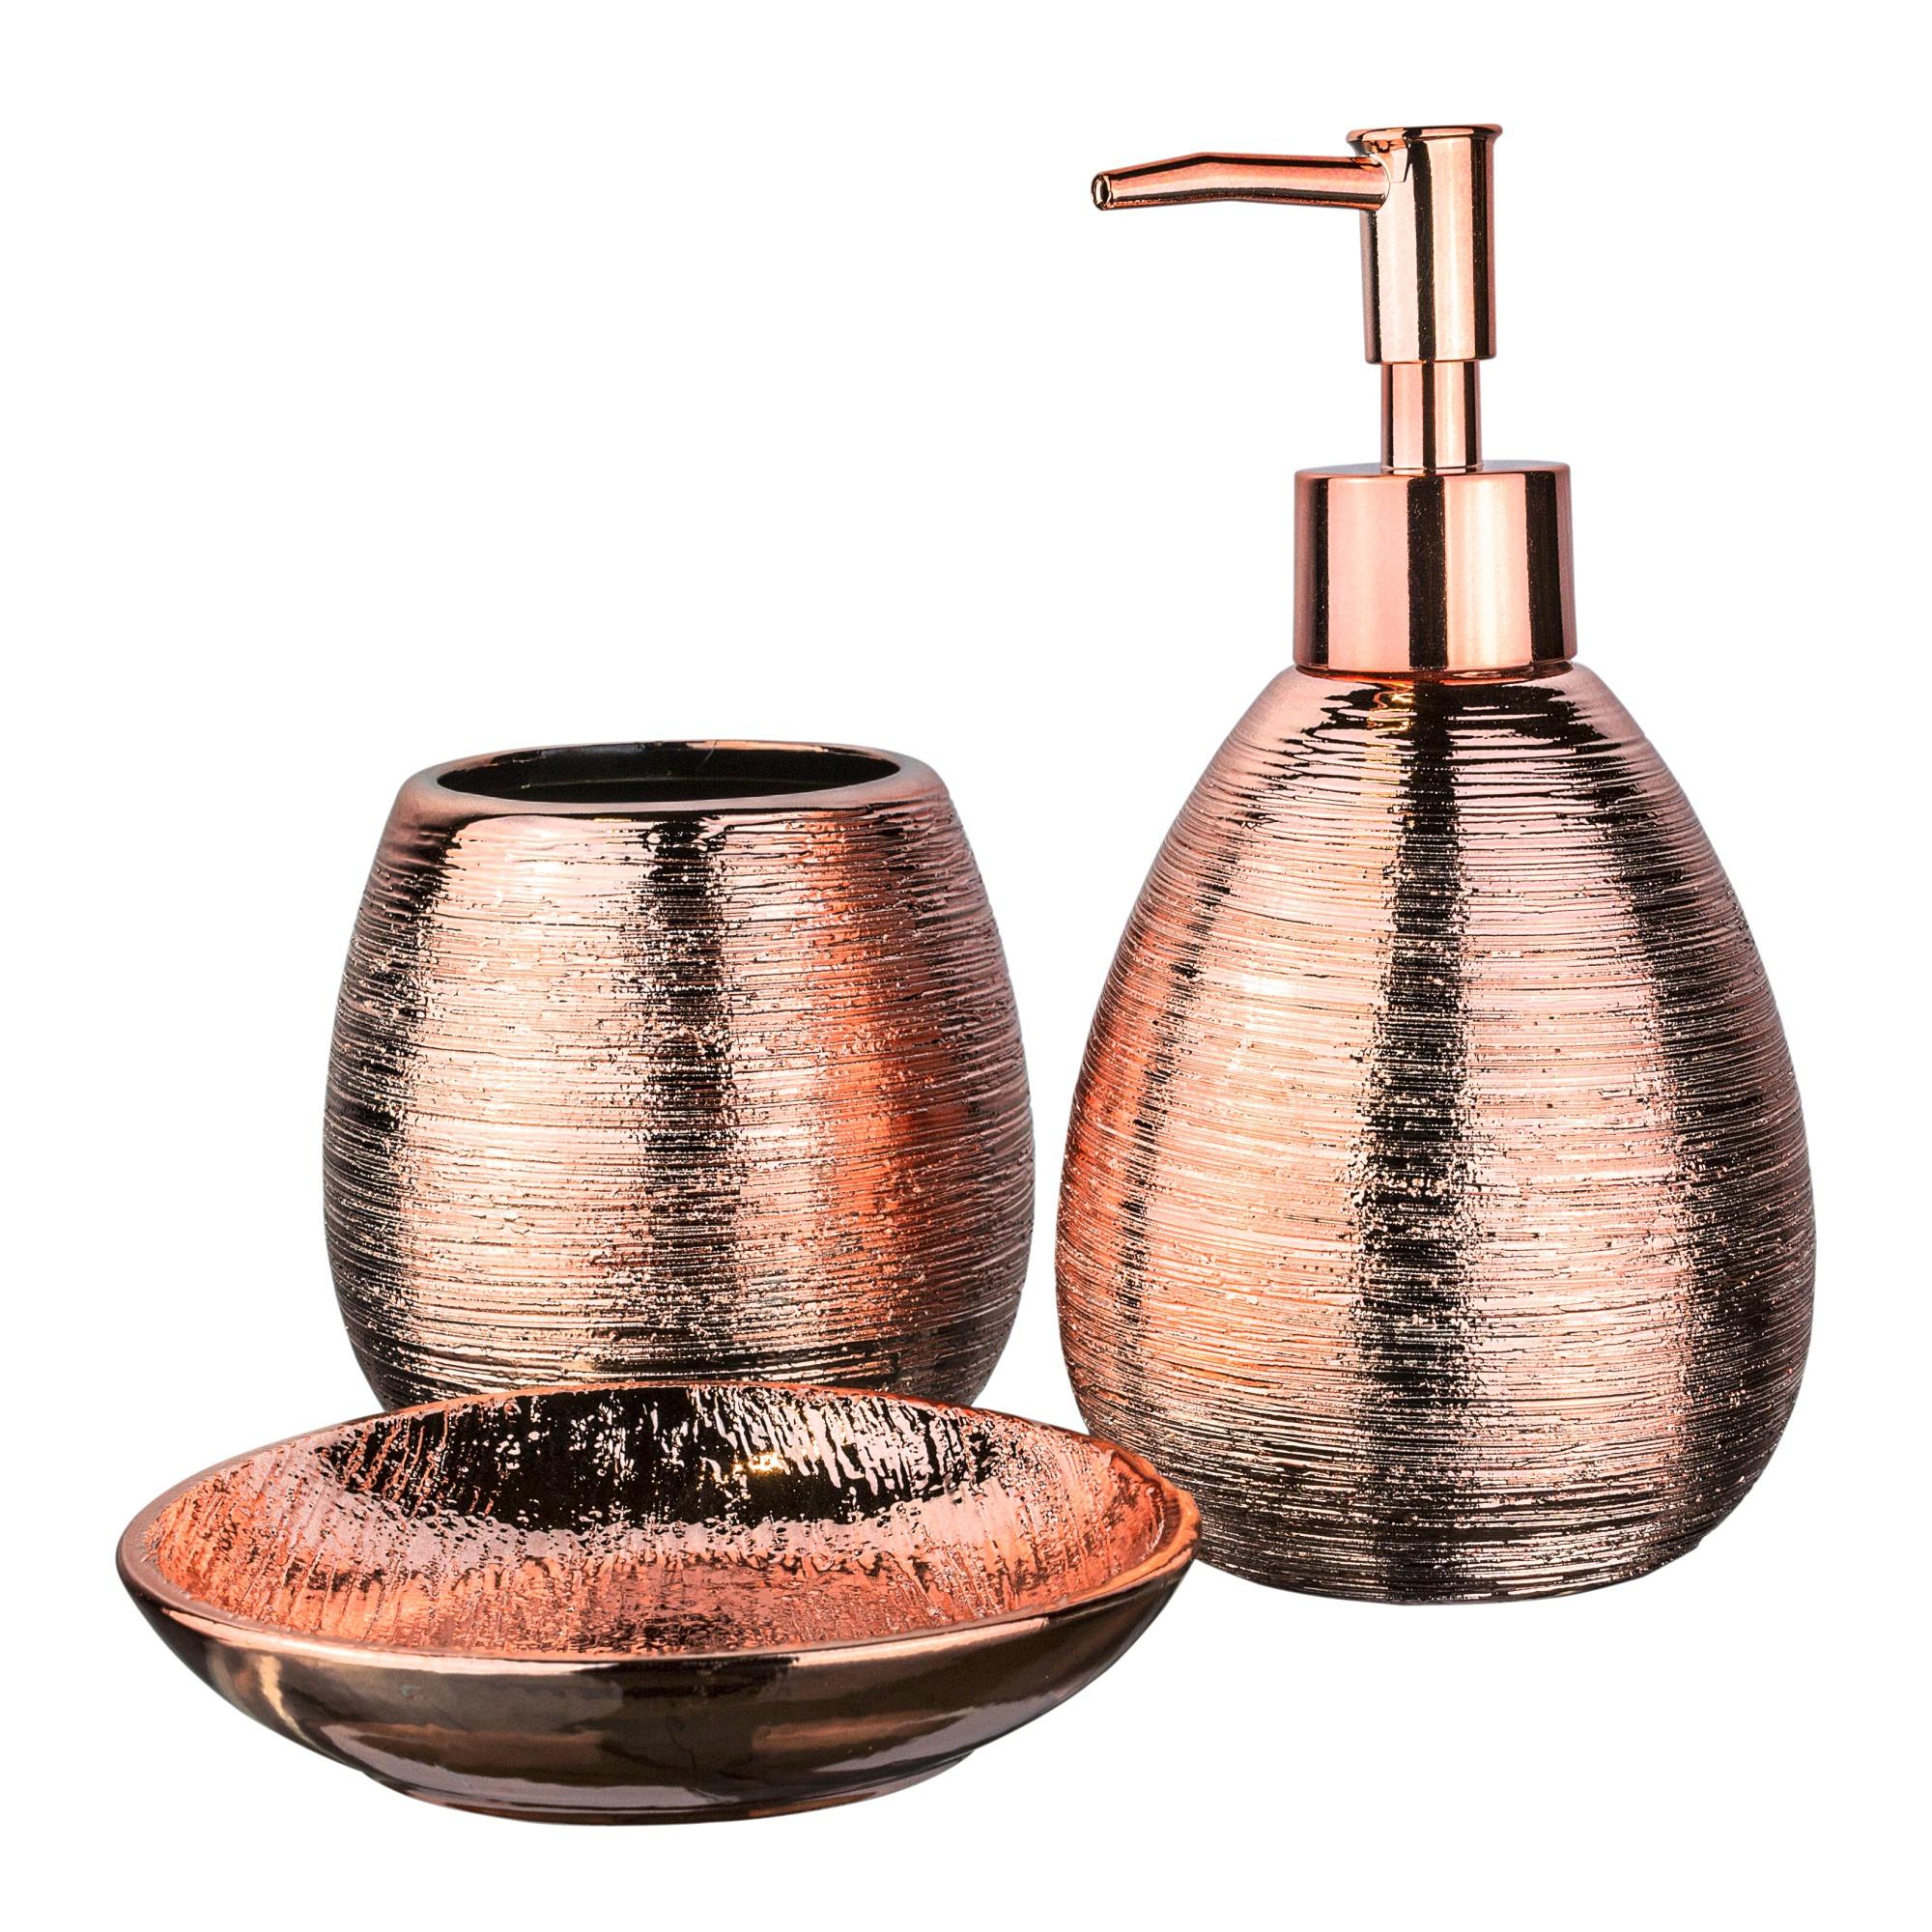 Jogo de Banheiro em Ceramica 3 Pecas - Bianchini